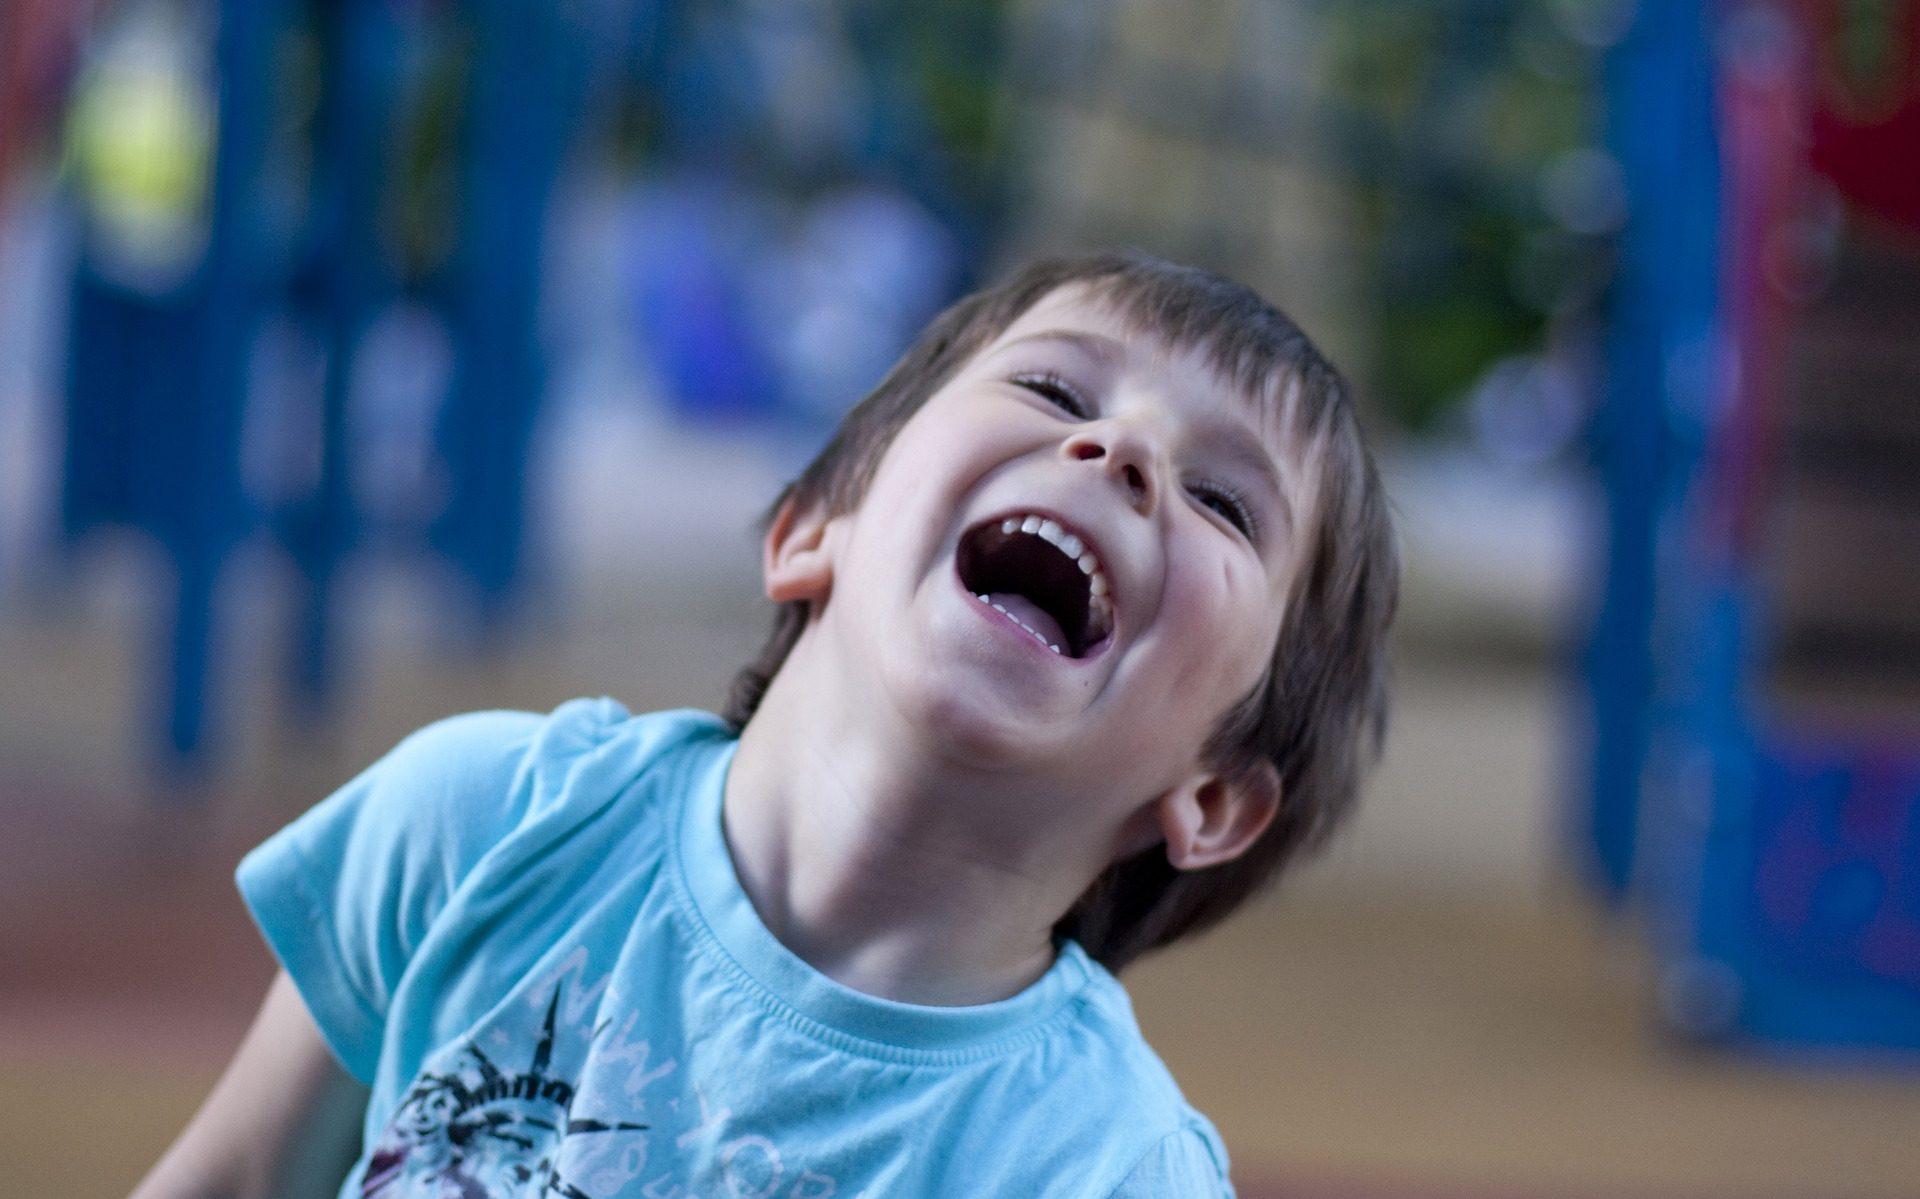 Śmiechoterapia